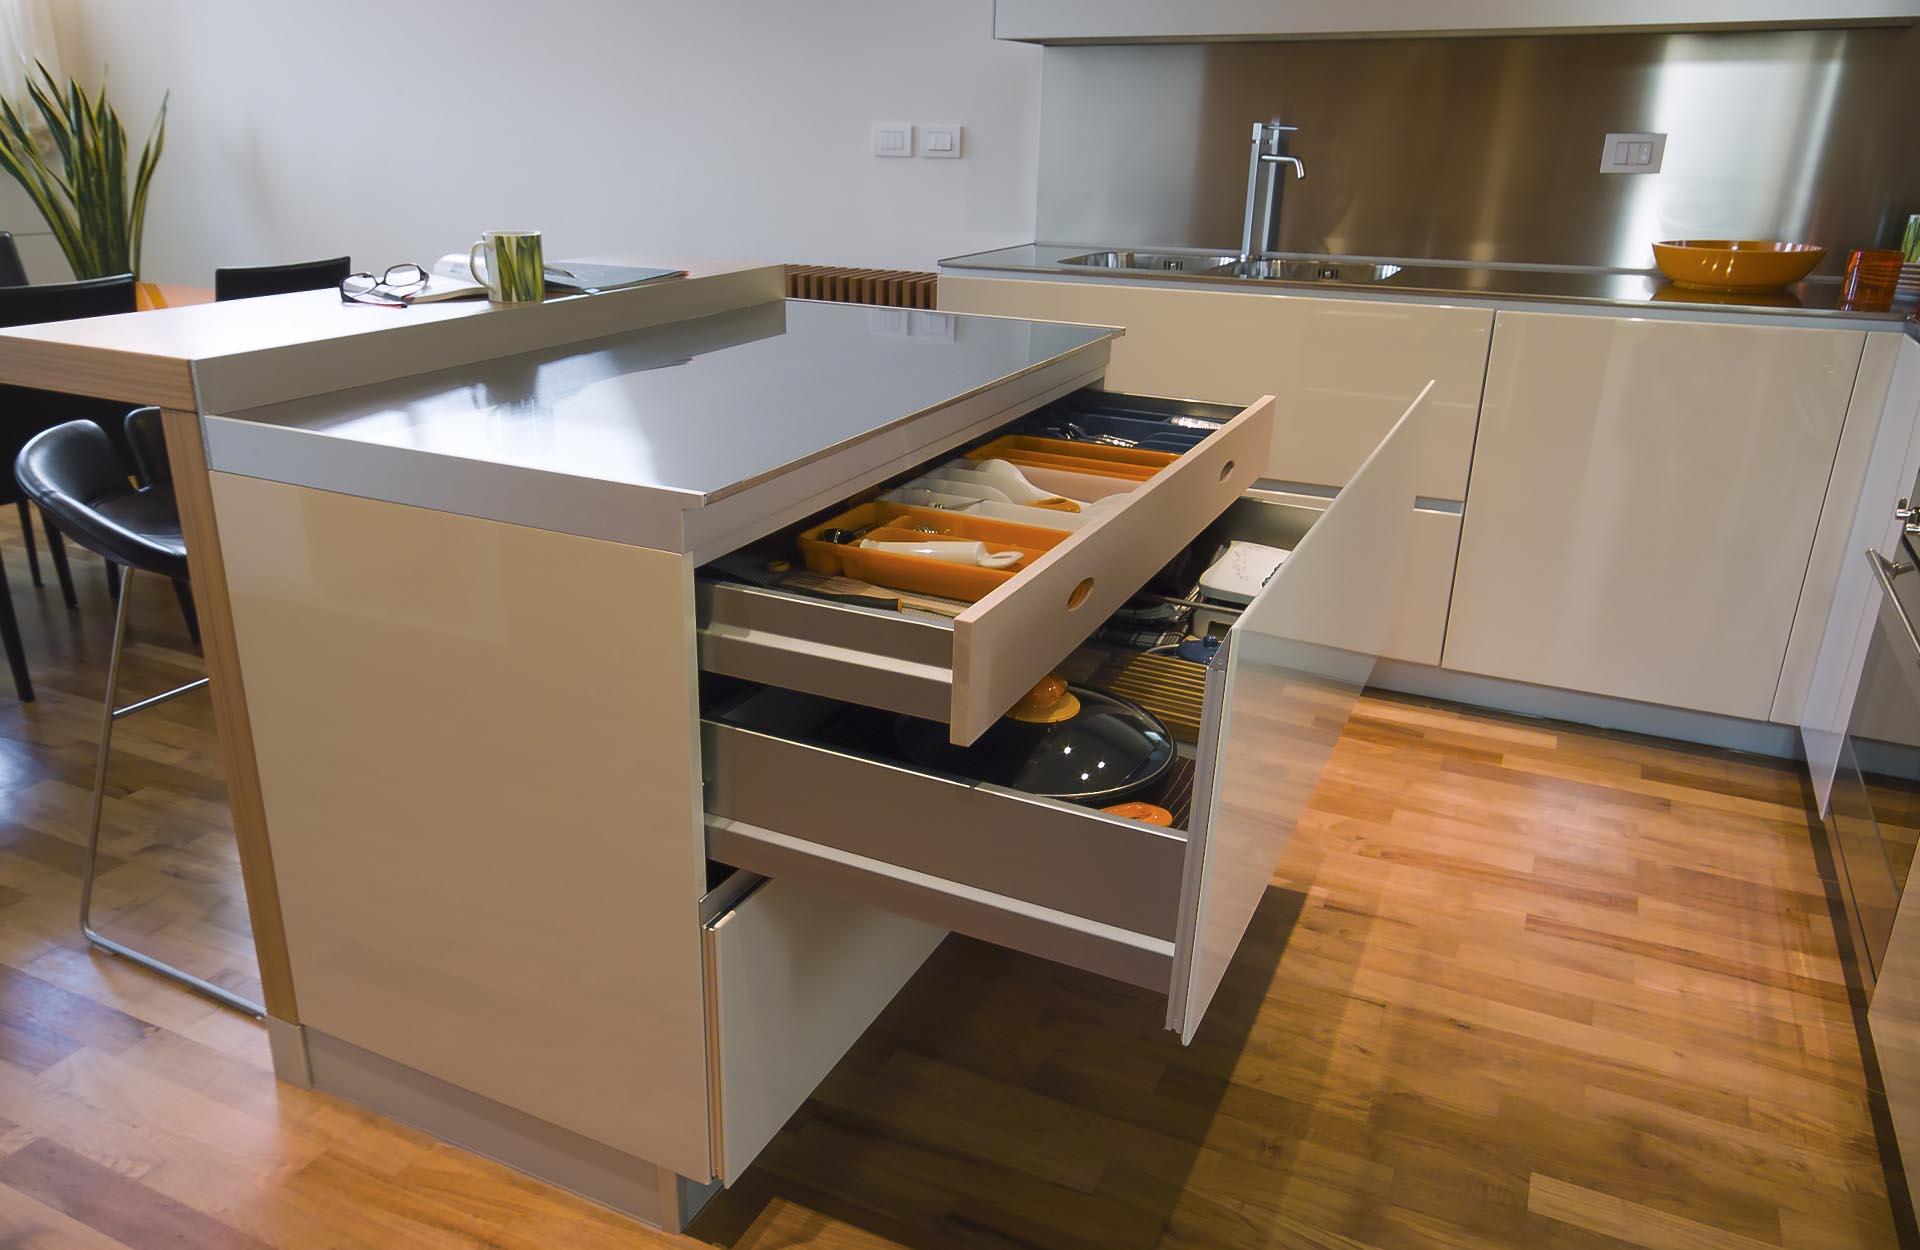 Organizzare Interno Mobili Cucina come organizzare gli spazi in cucina - sanasi cucine